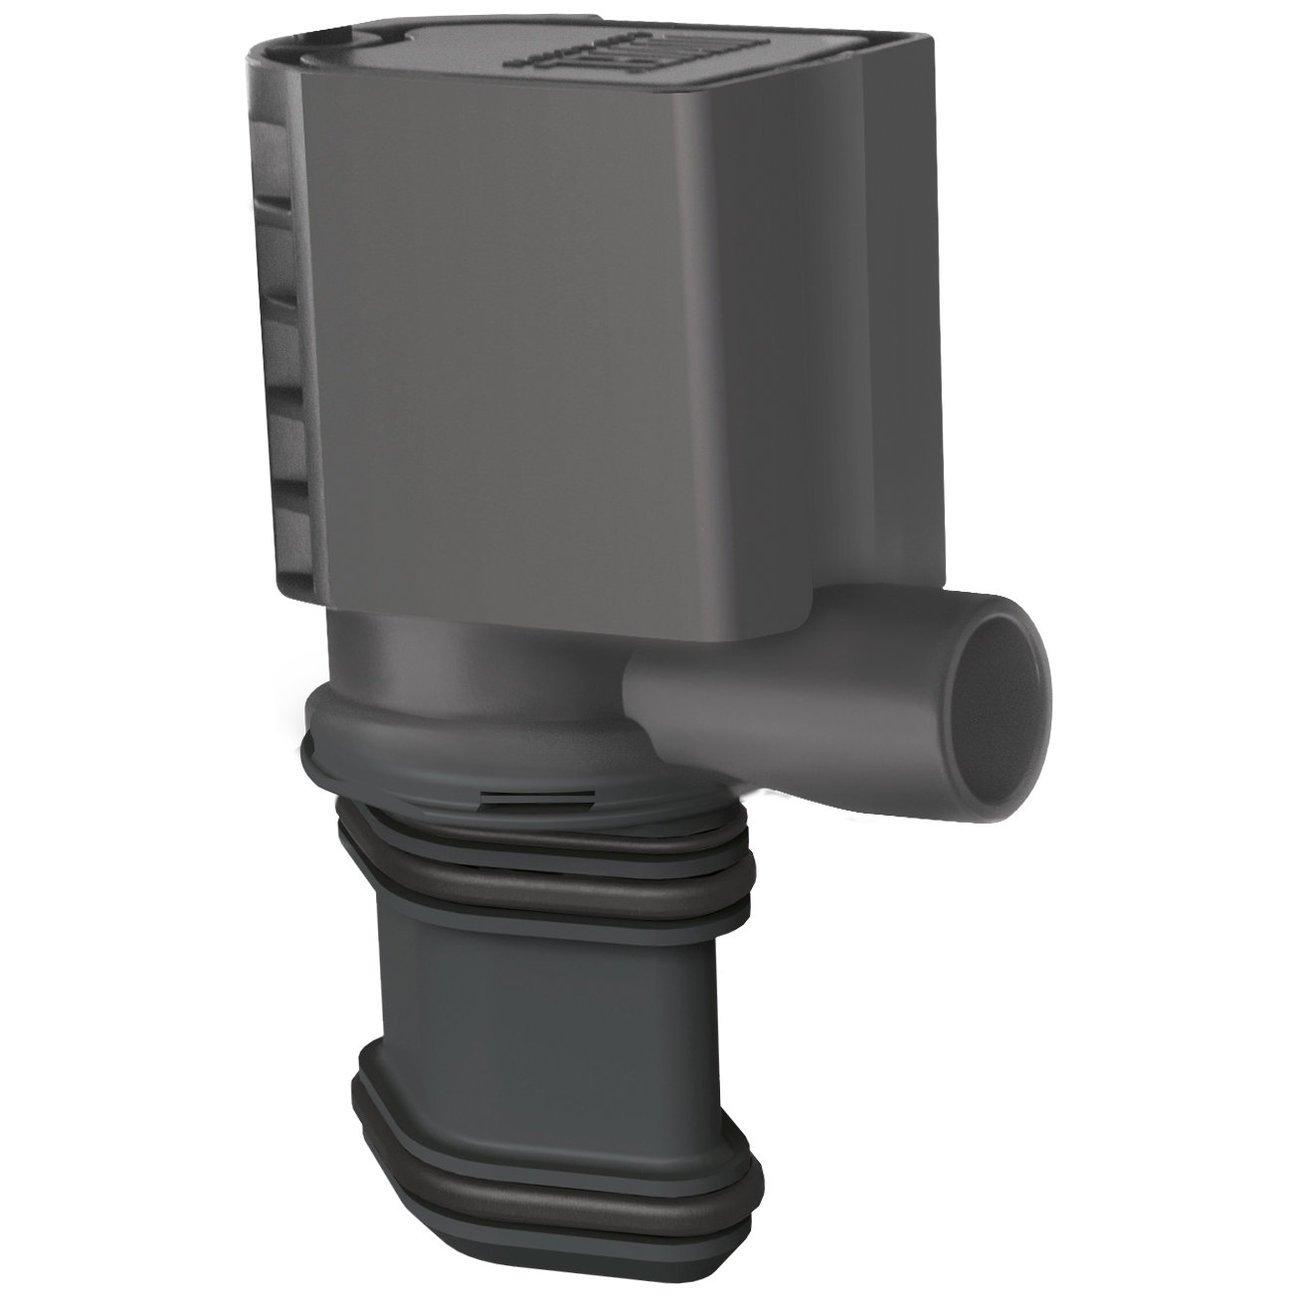 Juwel Eccoflow Pumpe, Bild 5